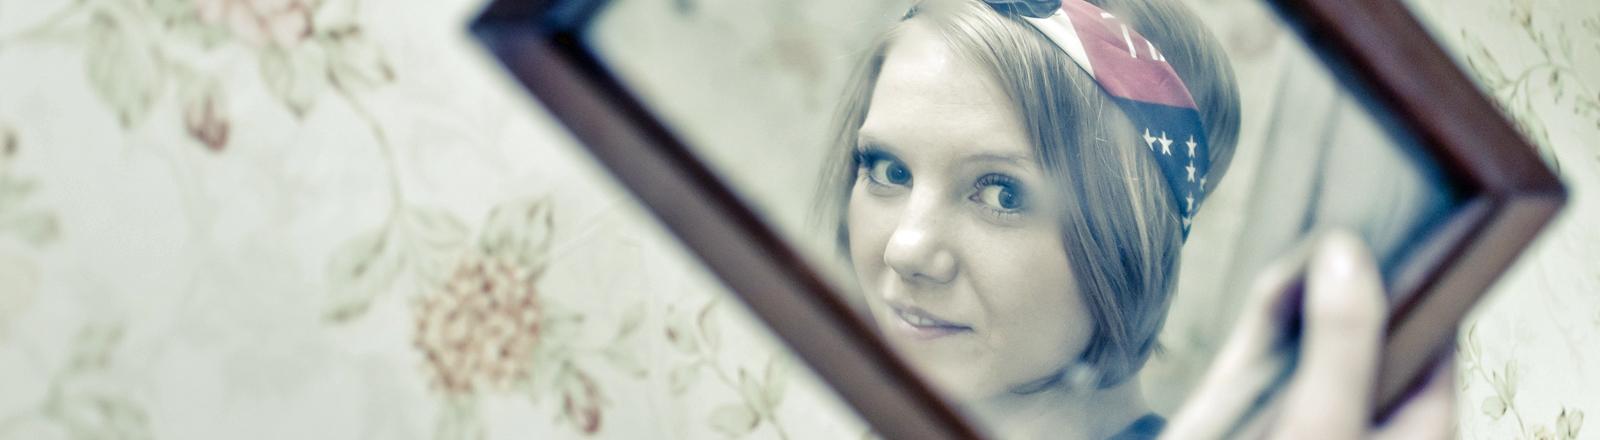 Eine junge Frau schaut in einen Spiegel.